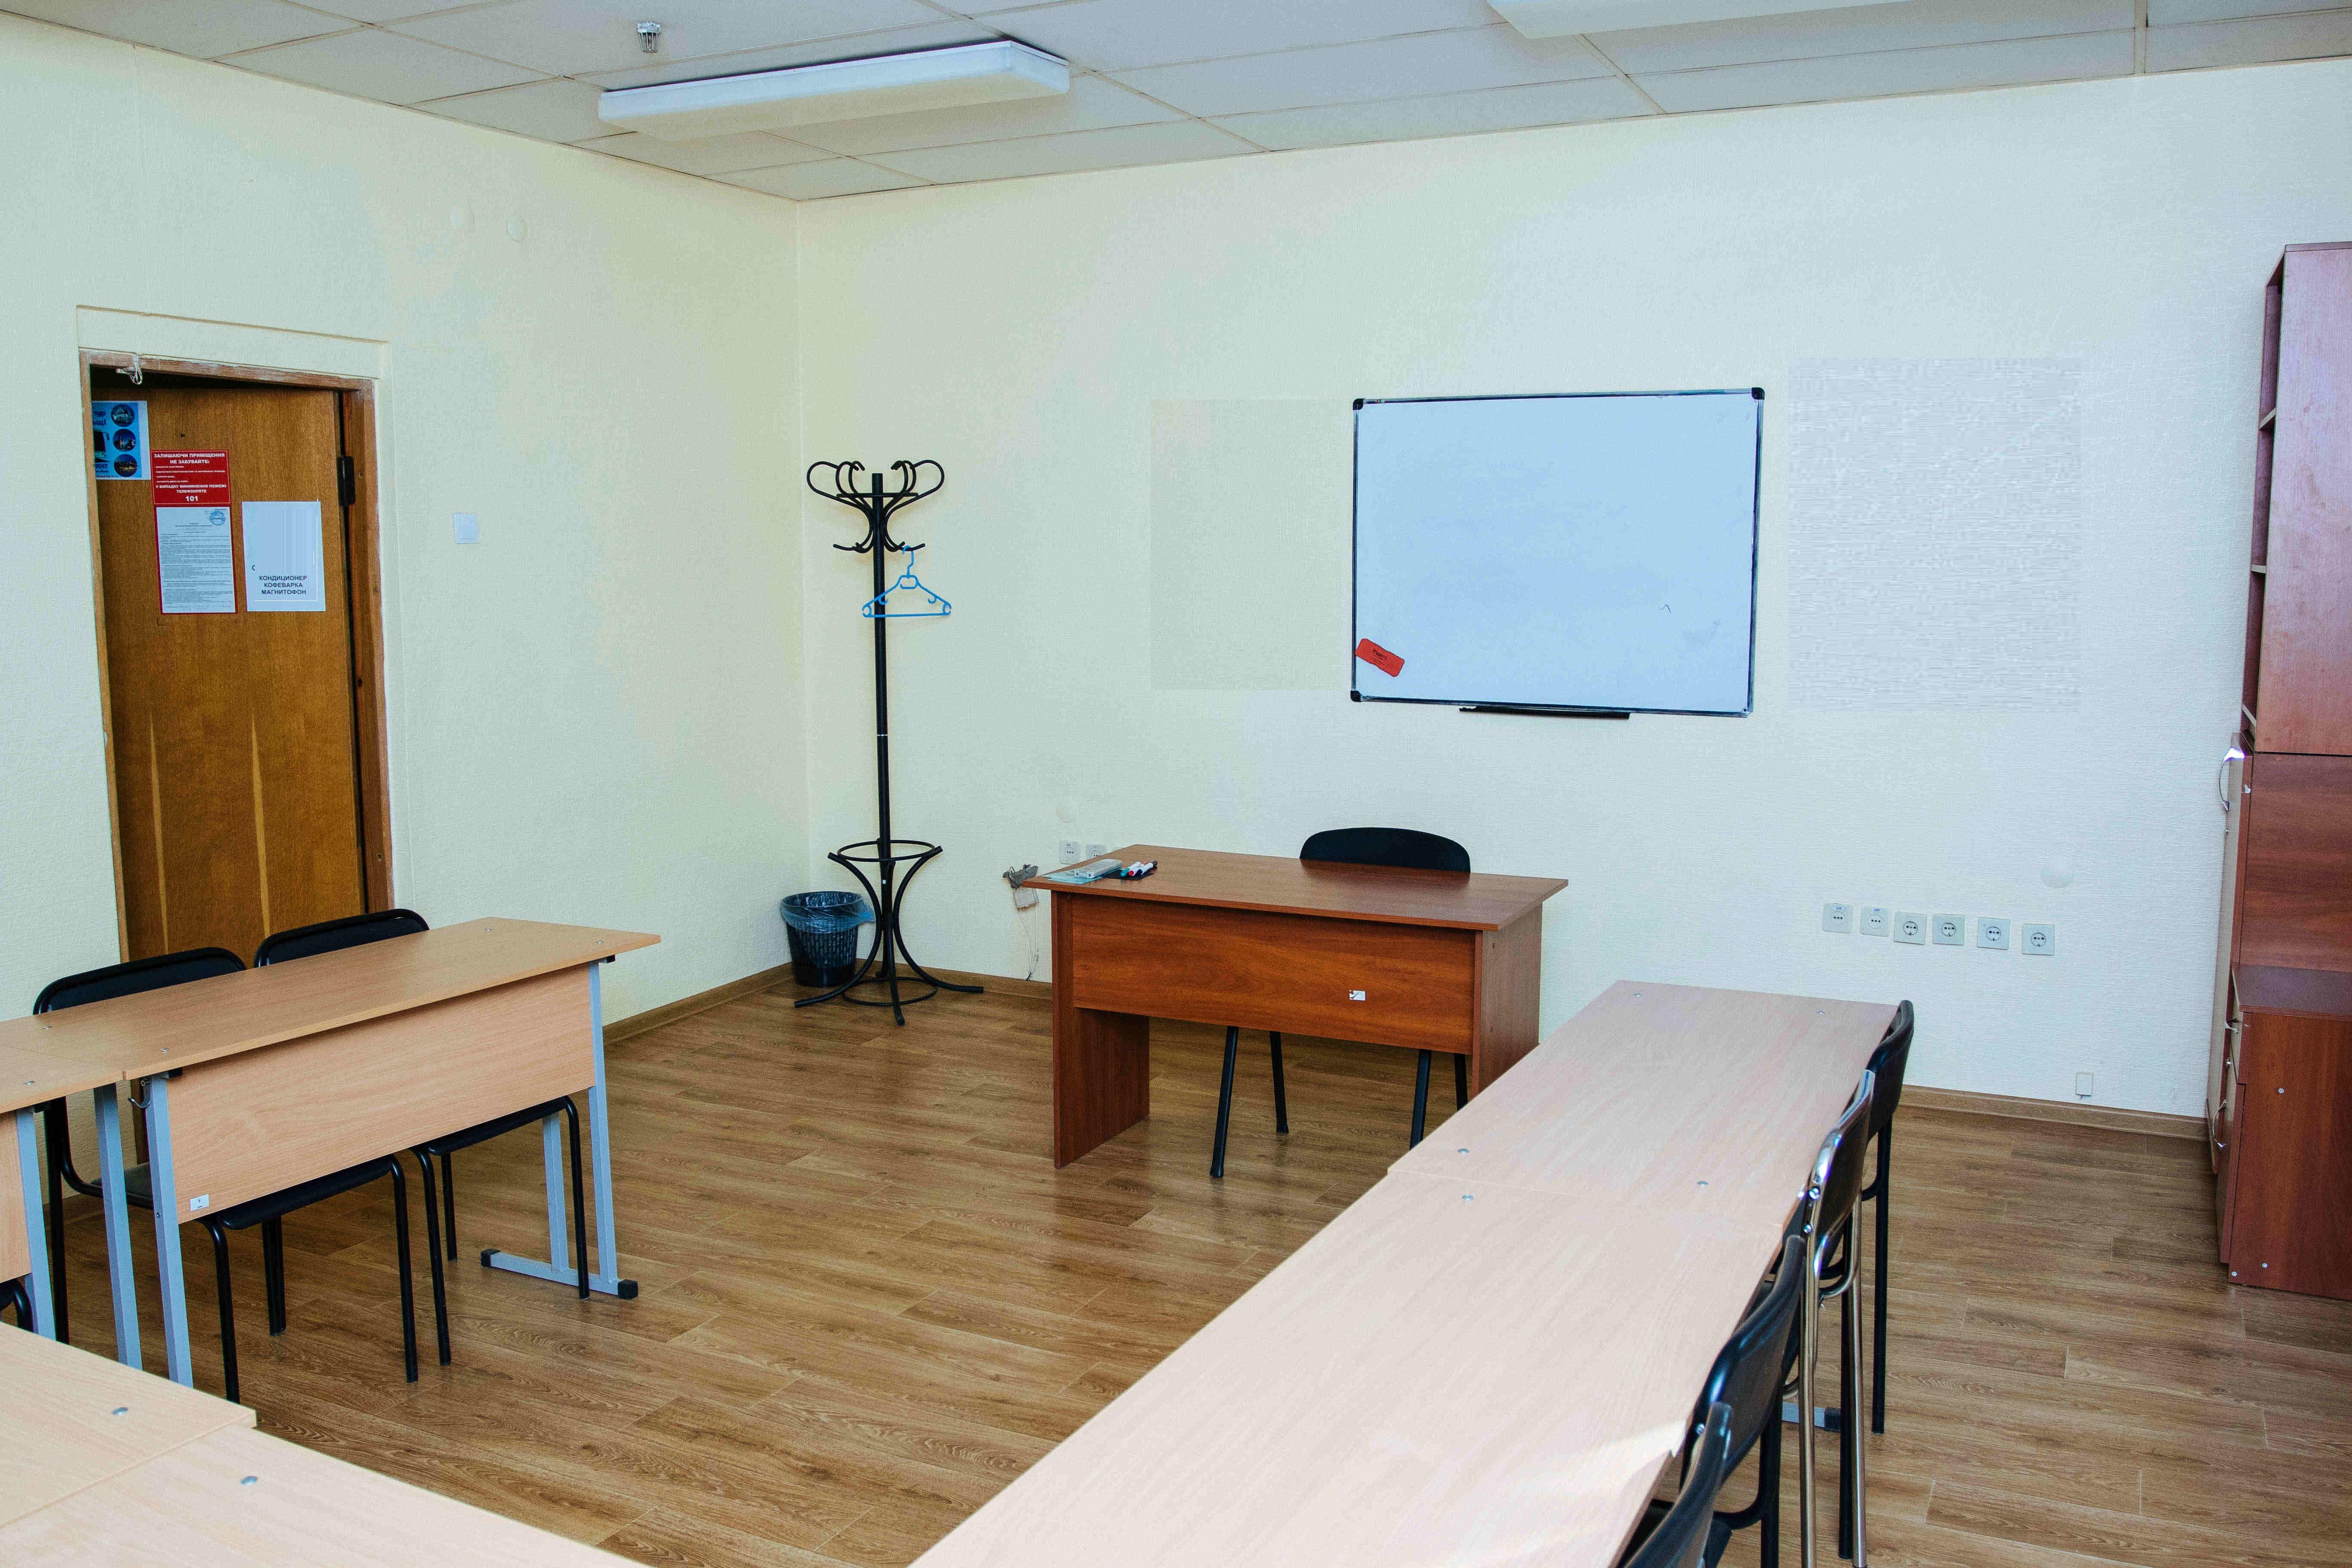 Офісні приміщення в центральній частині м. Києва площею 320,3 кв. м